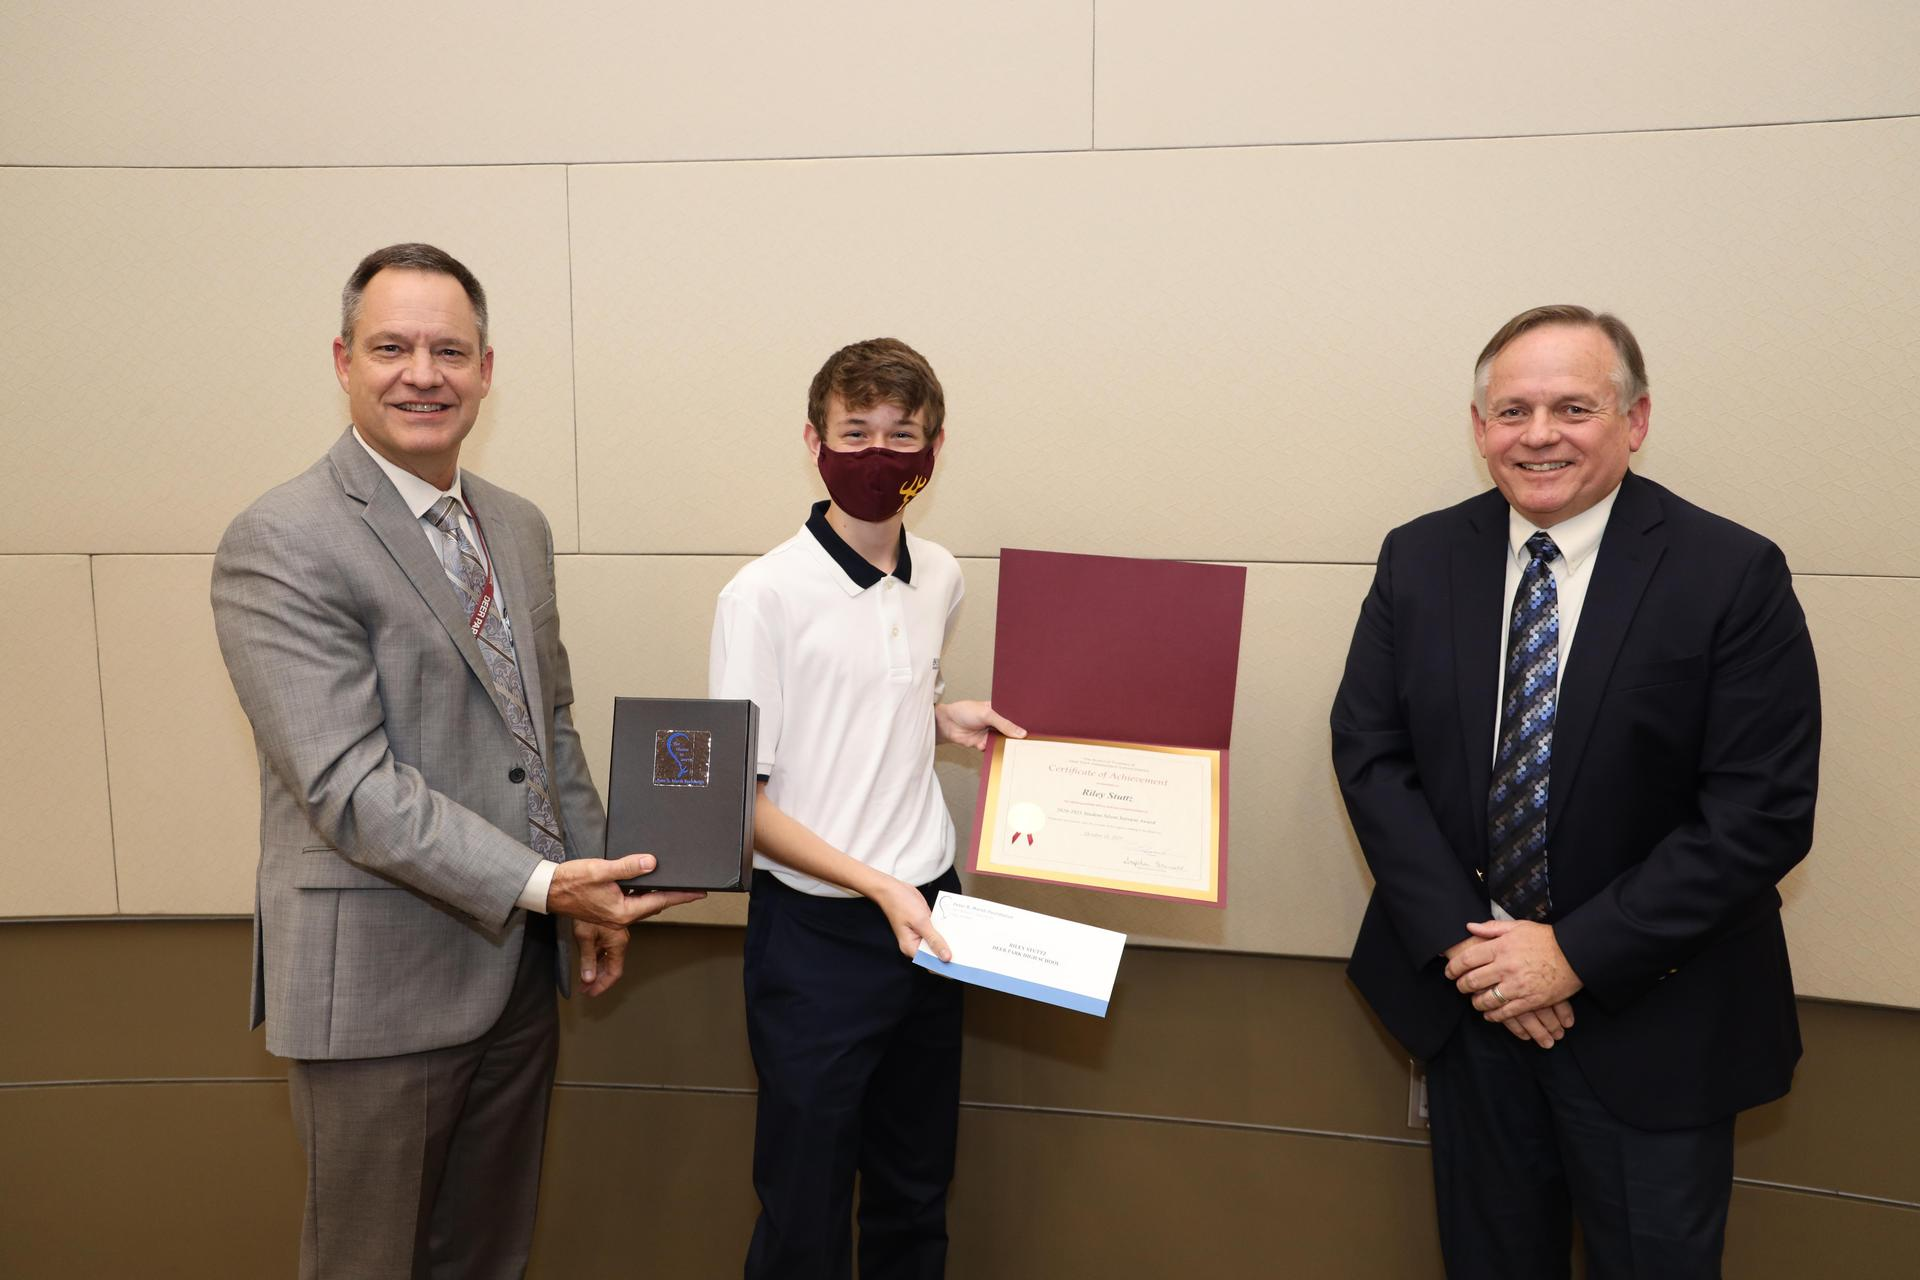 Student Silent Servant Award winner